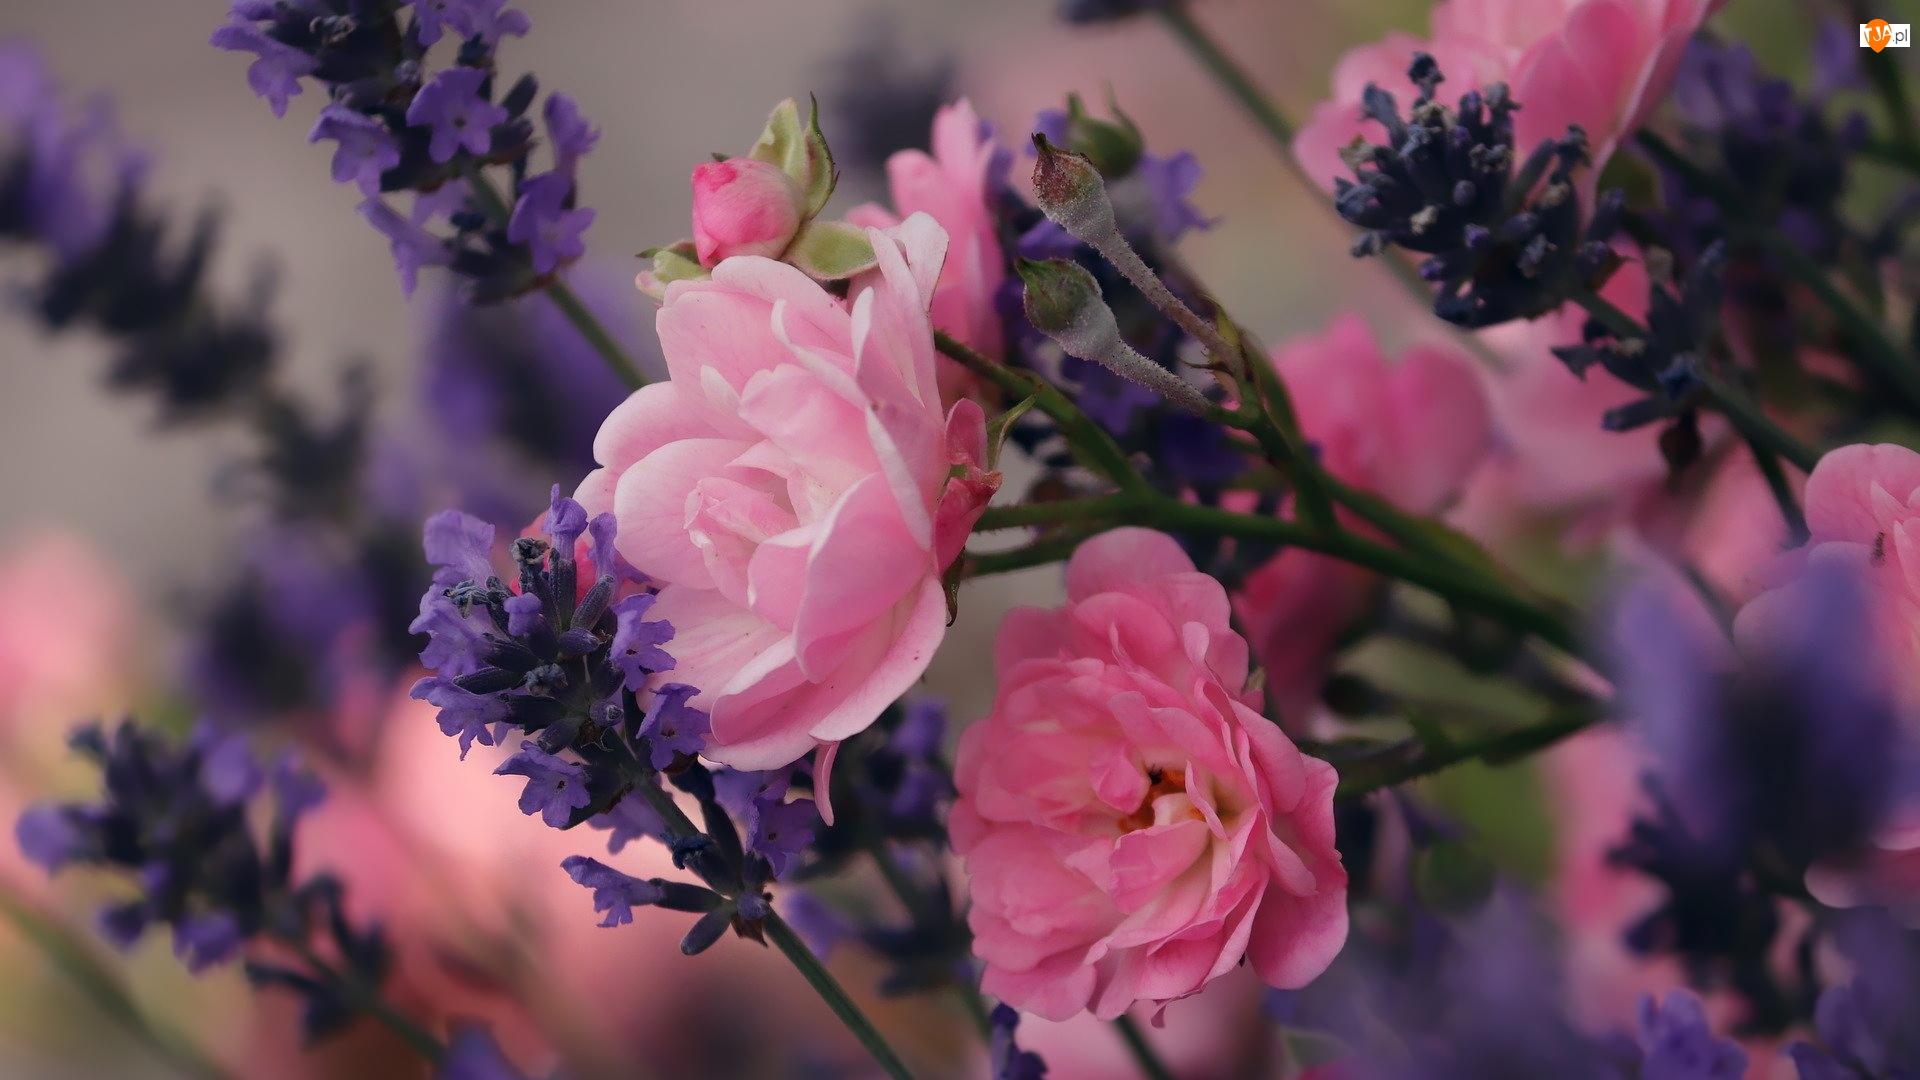 Kwiaty, Róże, Różowe, Fioletowe, Lawenda